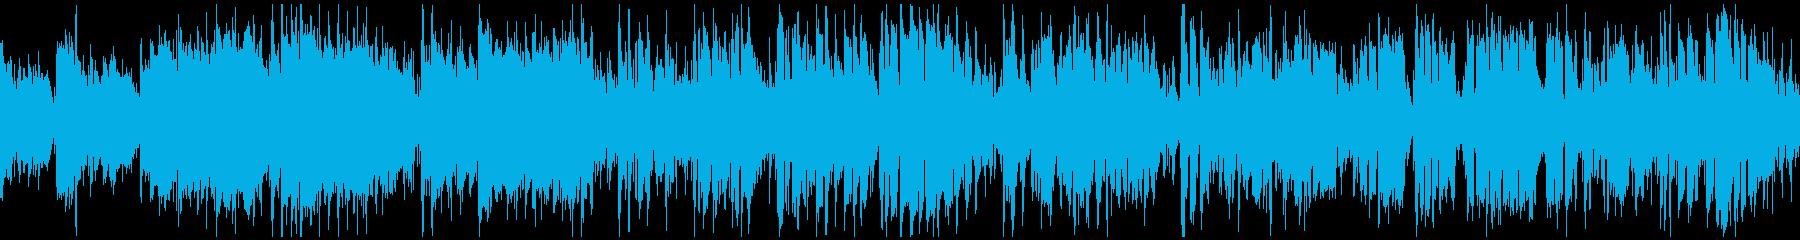 軽快に盛り上がるジャズサンバ ※ループ版の再生済みの波形